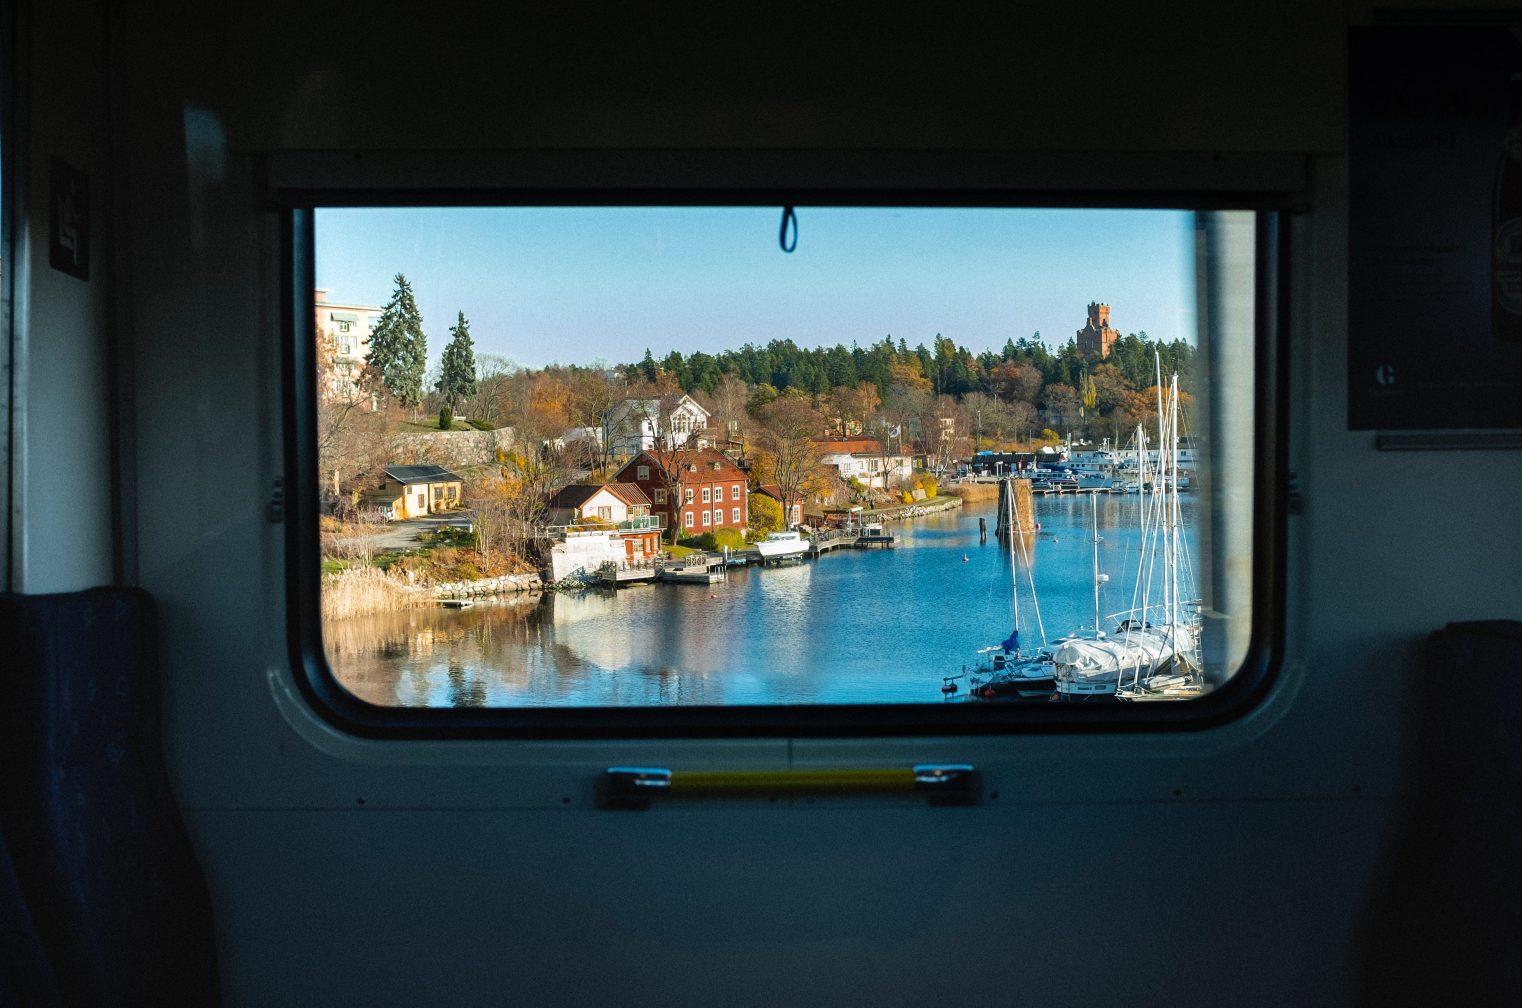 窓ガラスがディスプレイに、テレビが透明に! SF映画のような現実がすぐそこ